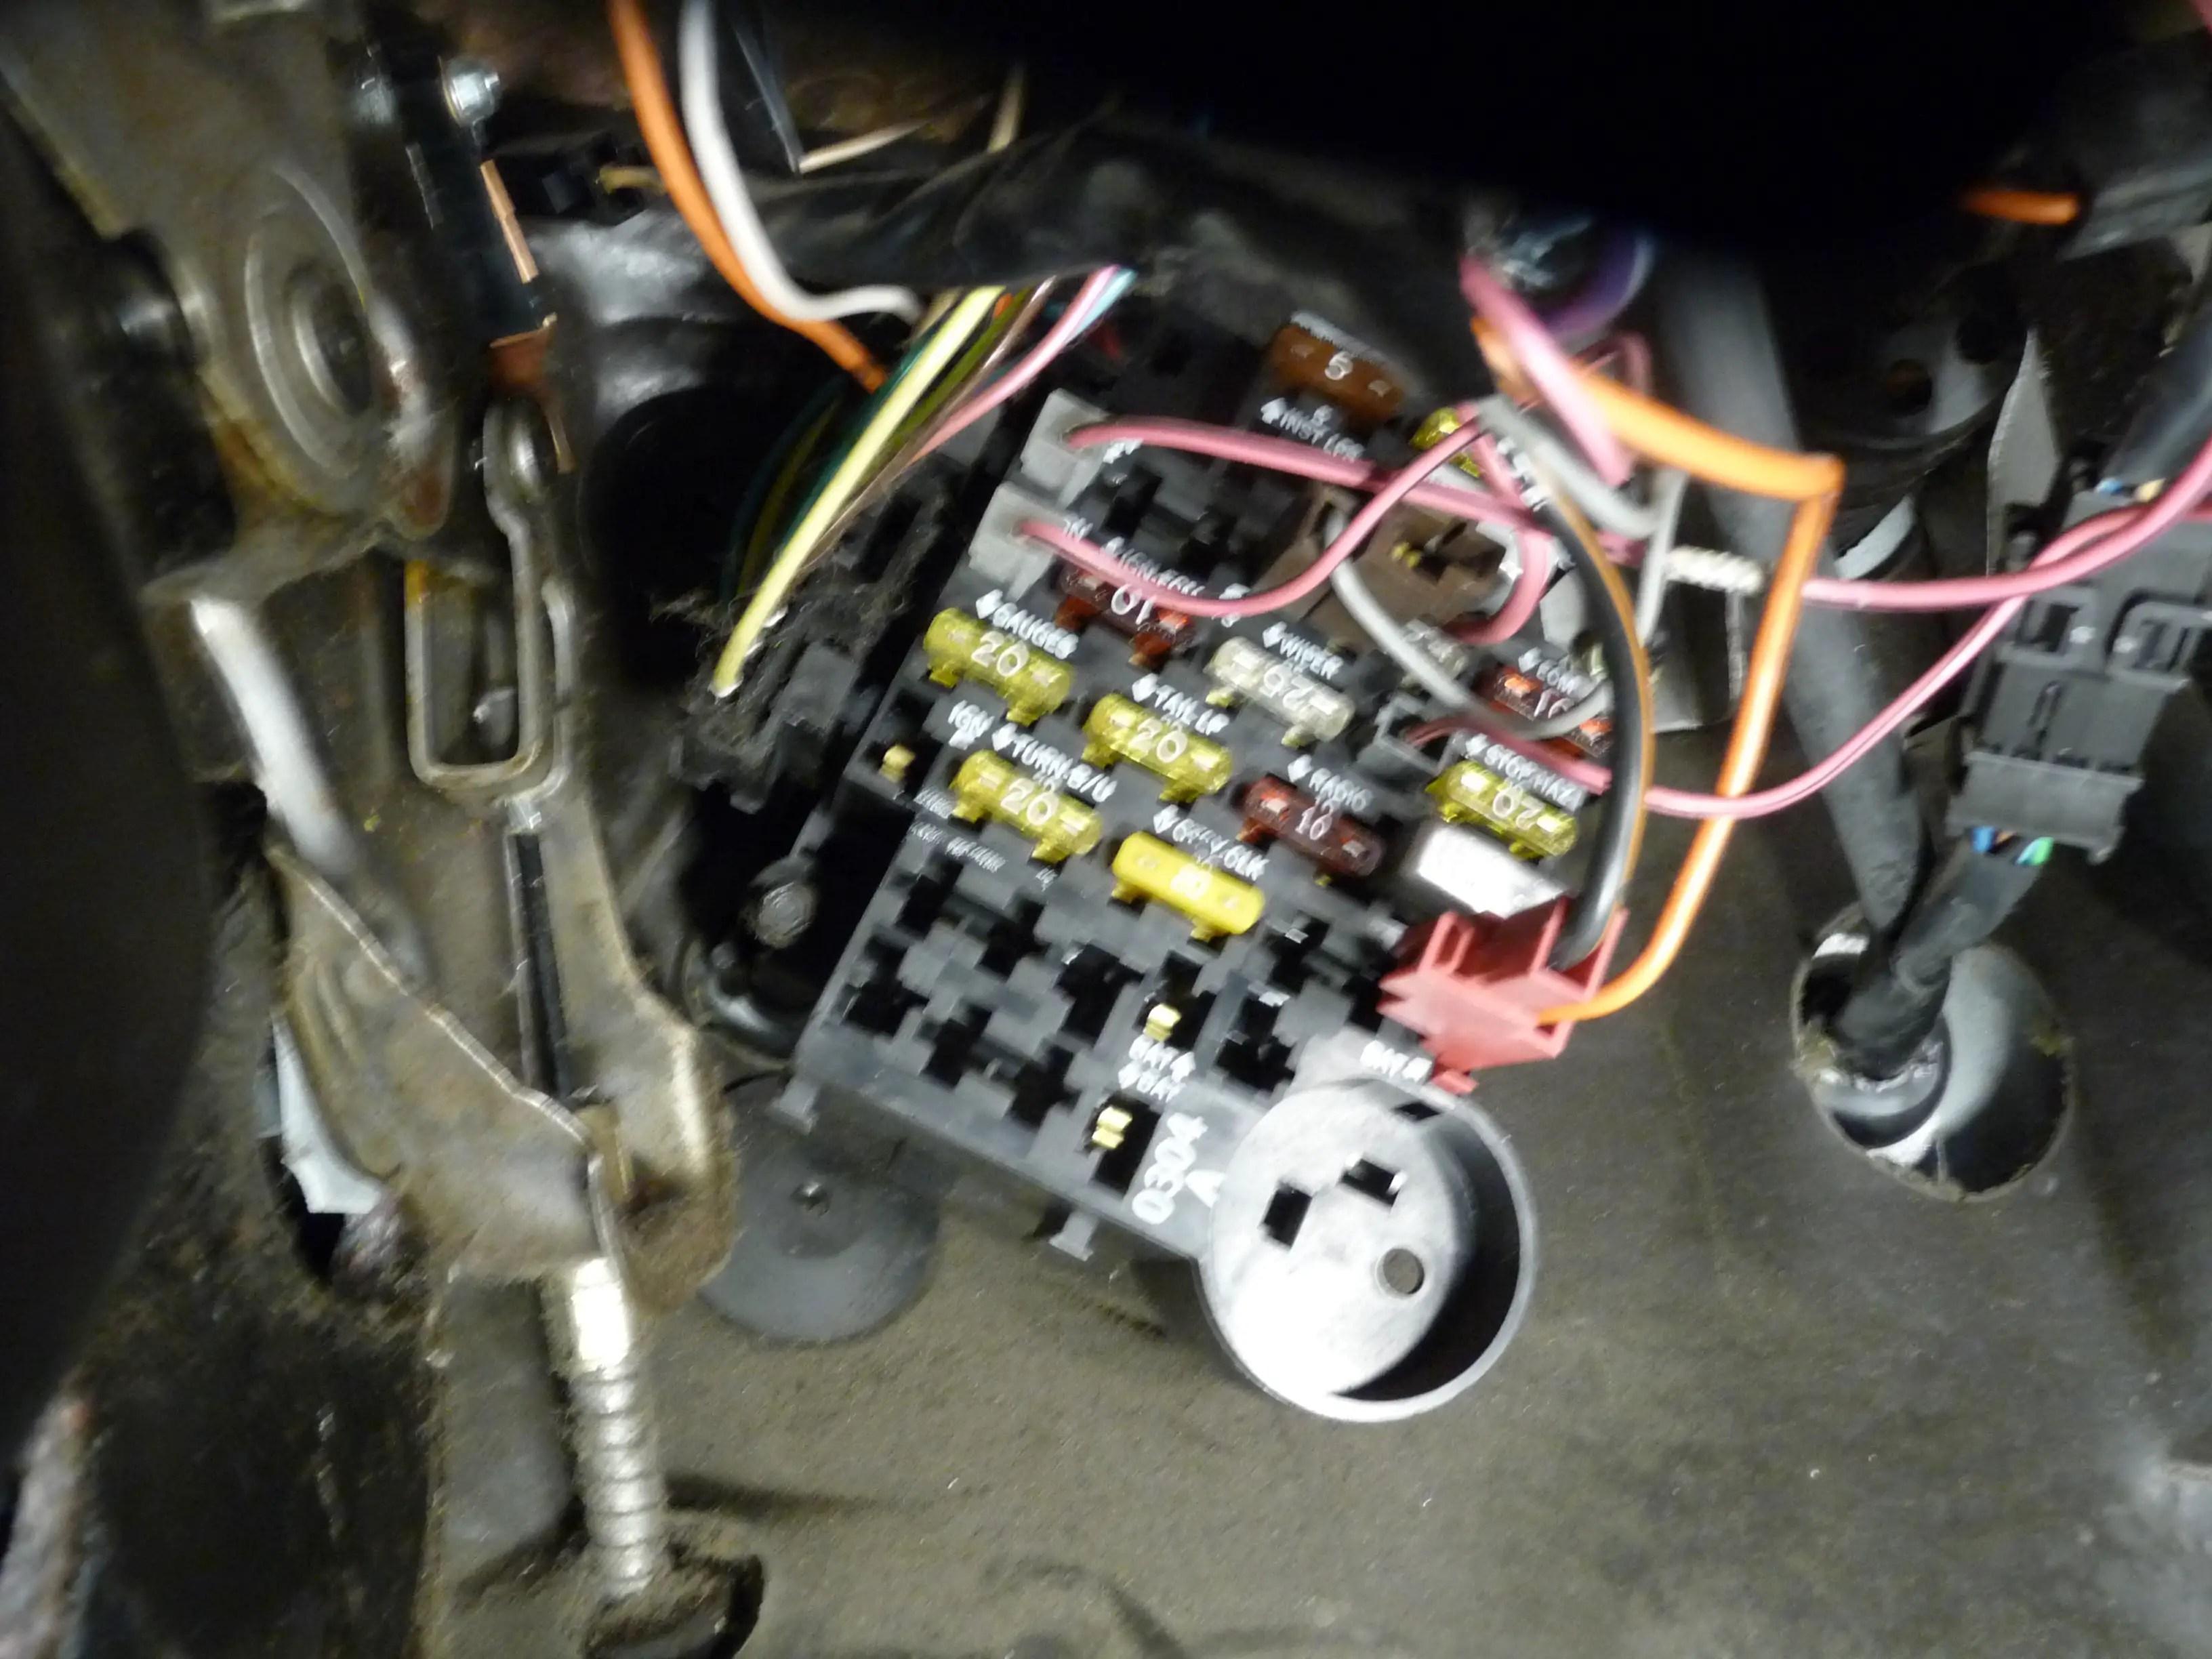 1969 el camino fuse box wiring diagram dash g body fuse box 1969 el camino fuse box #8